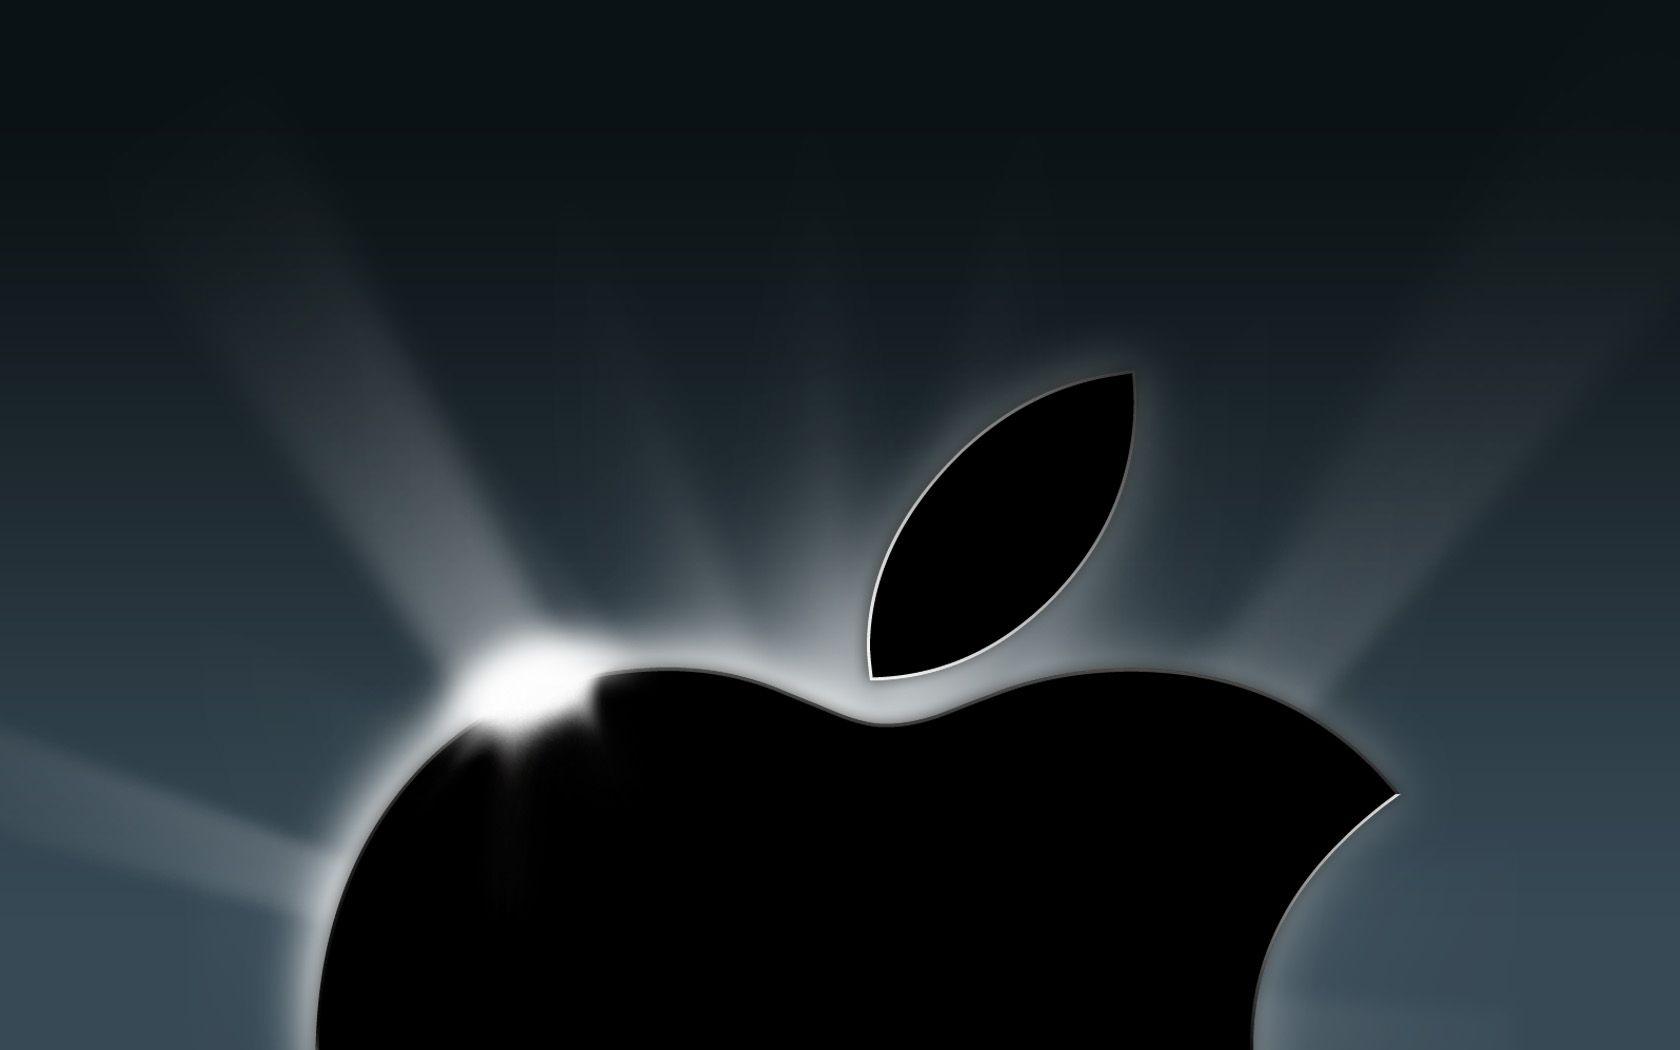 #Apple: tutte le #novità della #settimana - http://www.appleflick.com/apple-tutte-le-novita-della-settimana/